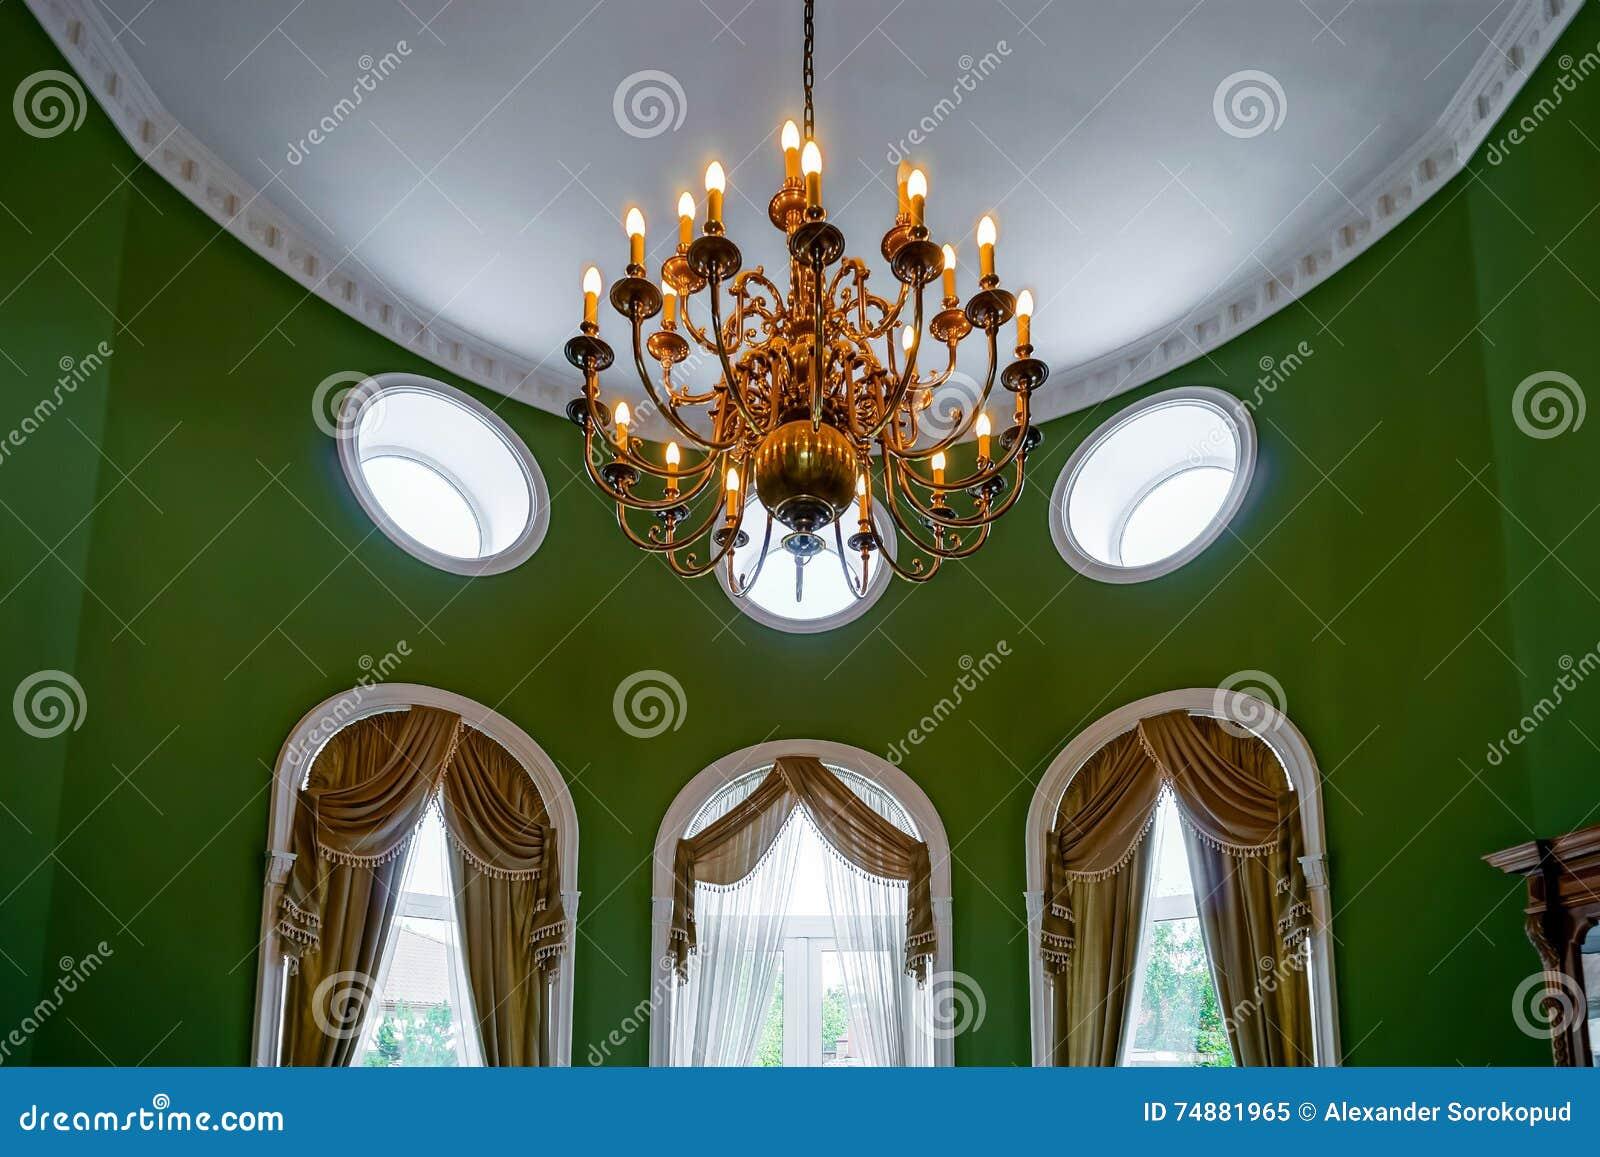 Schöner Wohnzimmerinnenraum mit hohen Fenstern